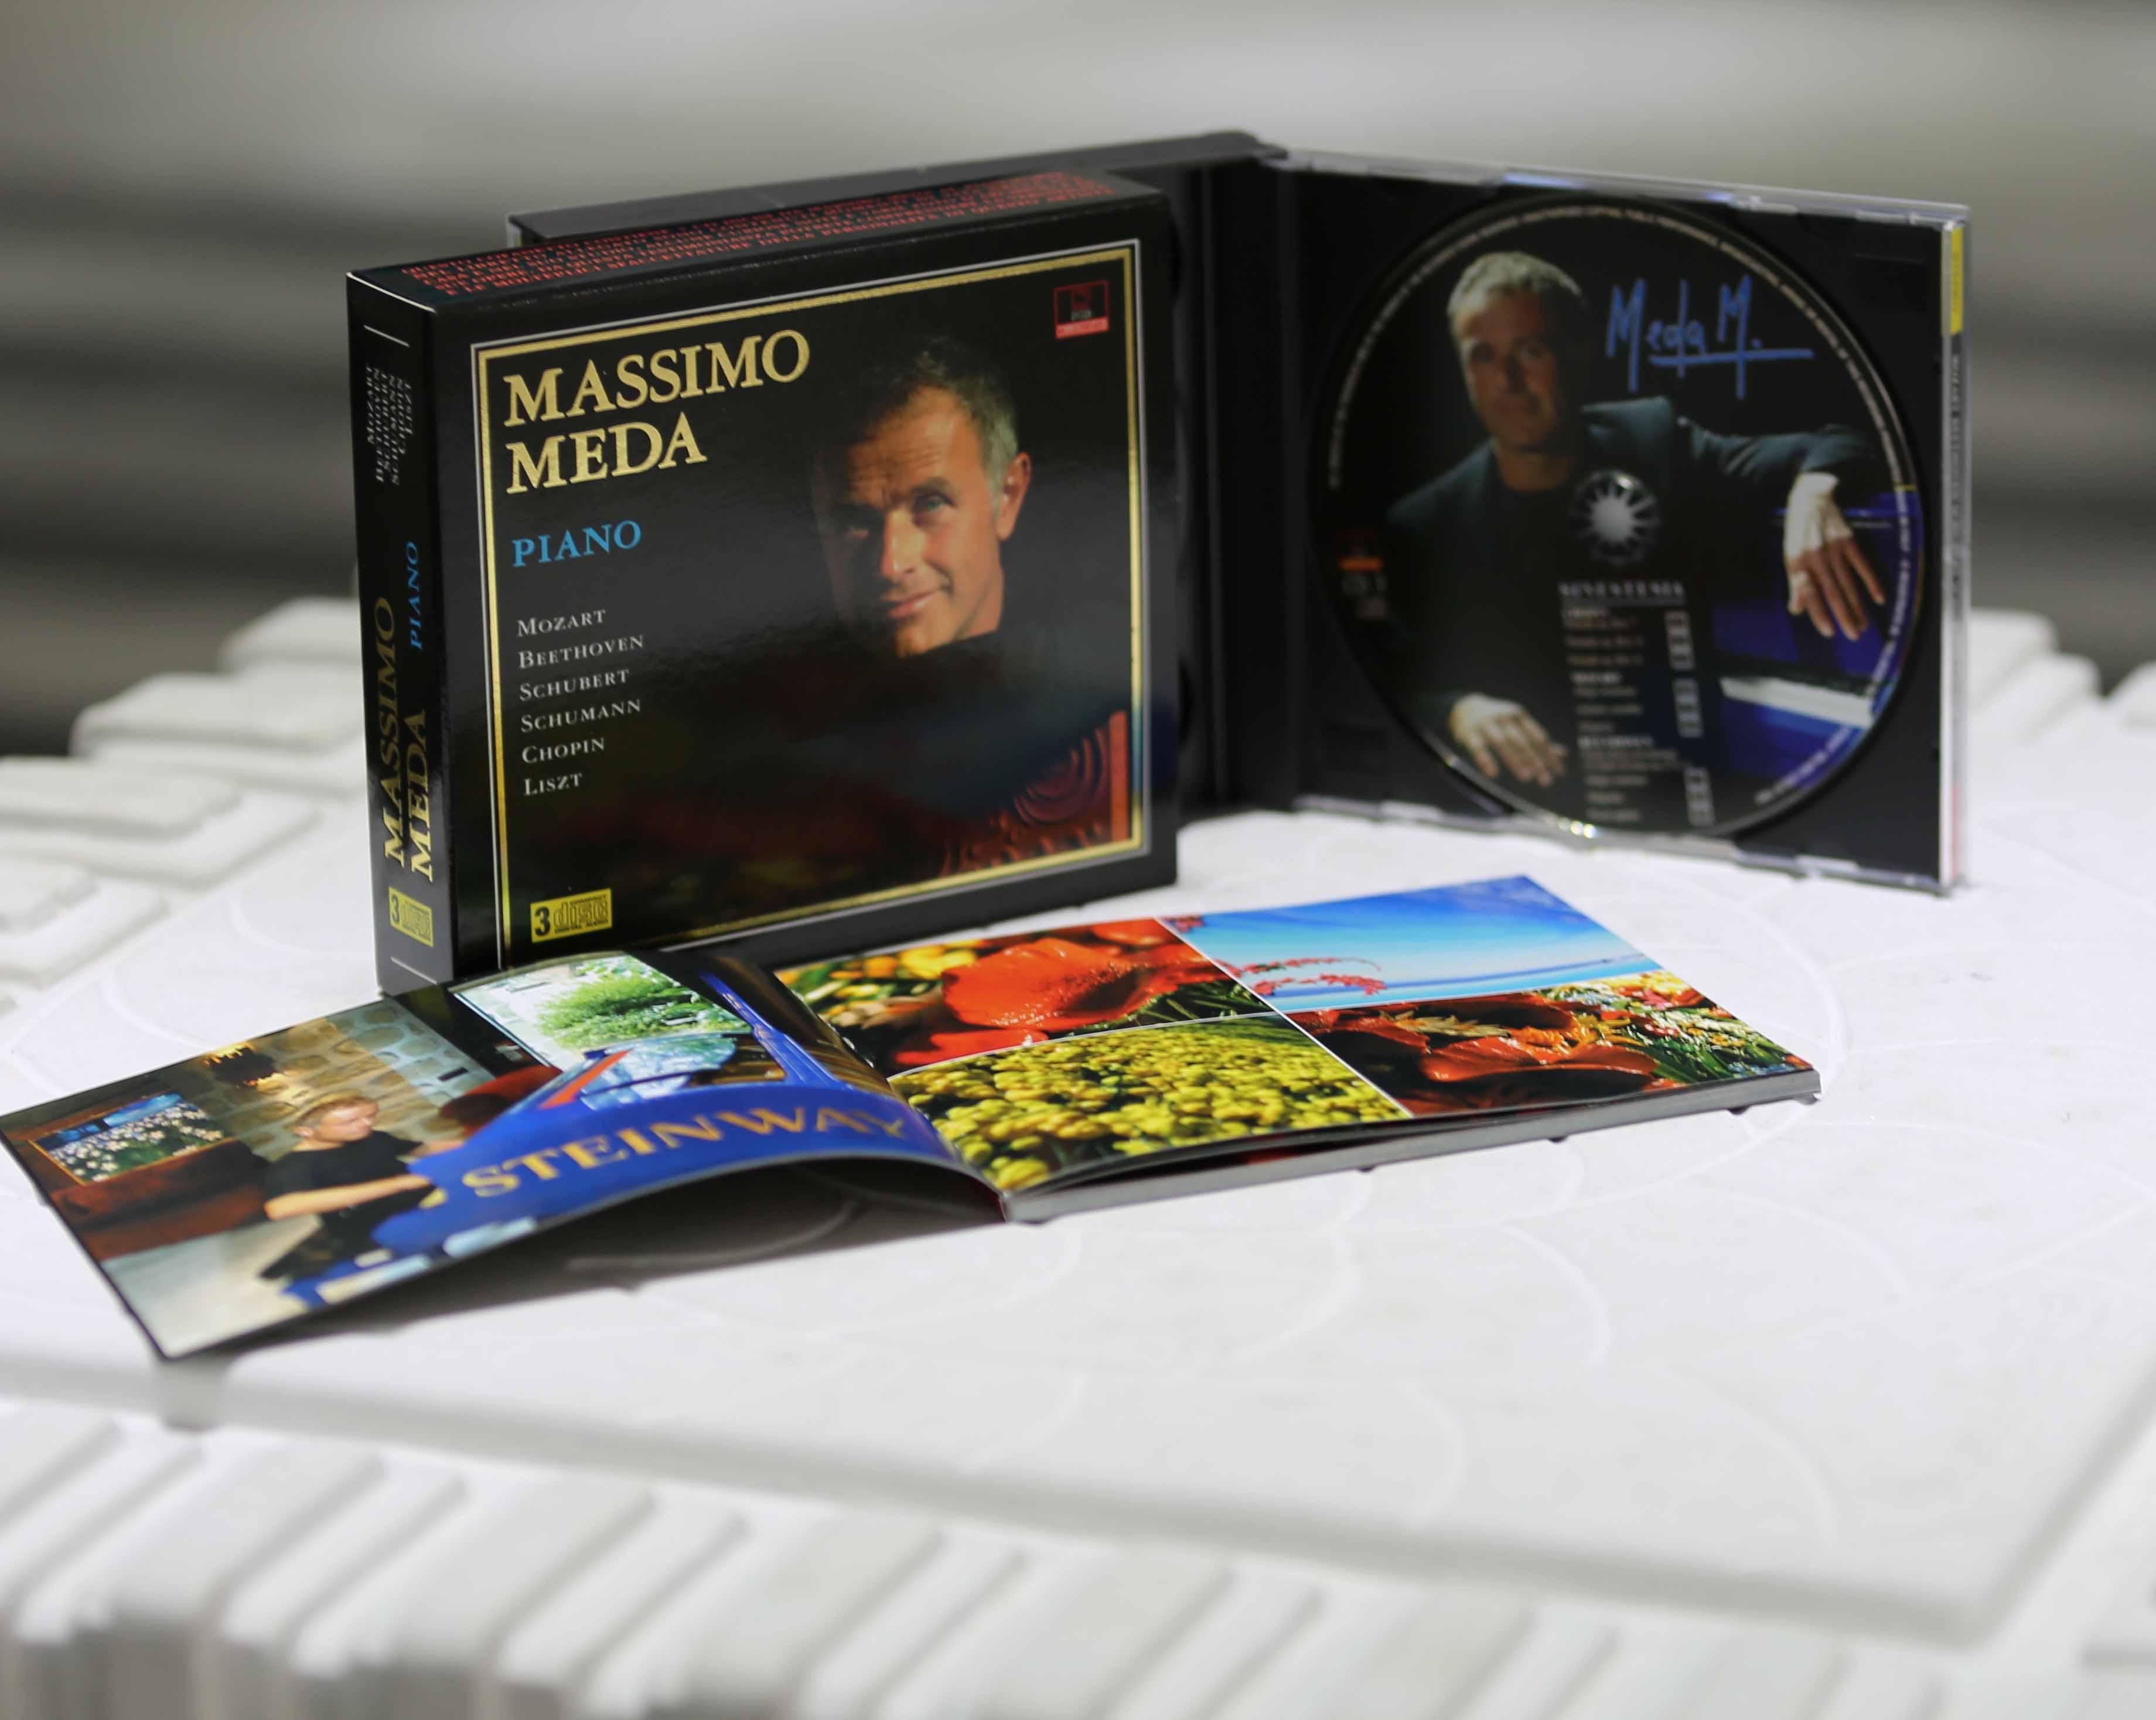 Massimo Meda Piano CD